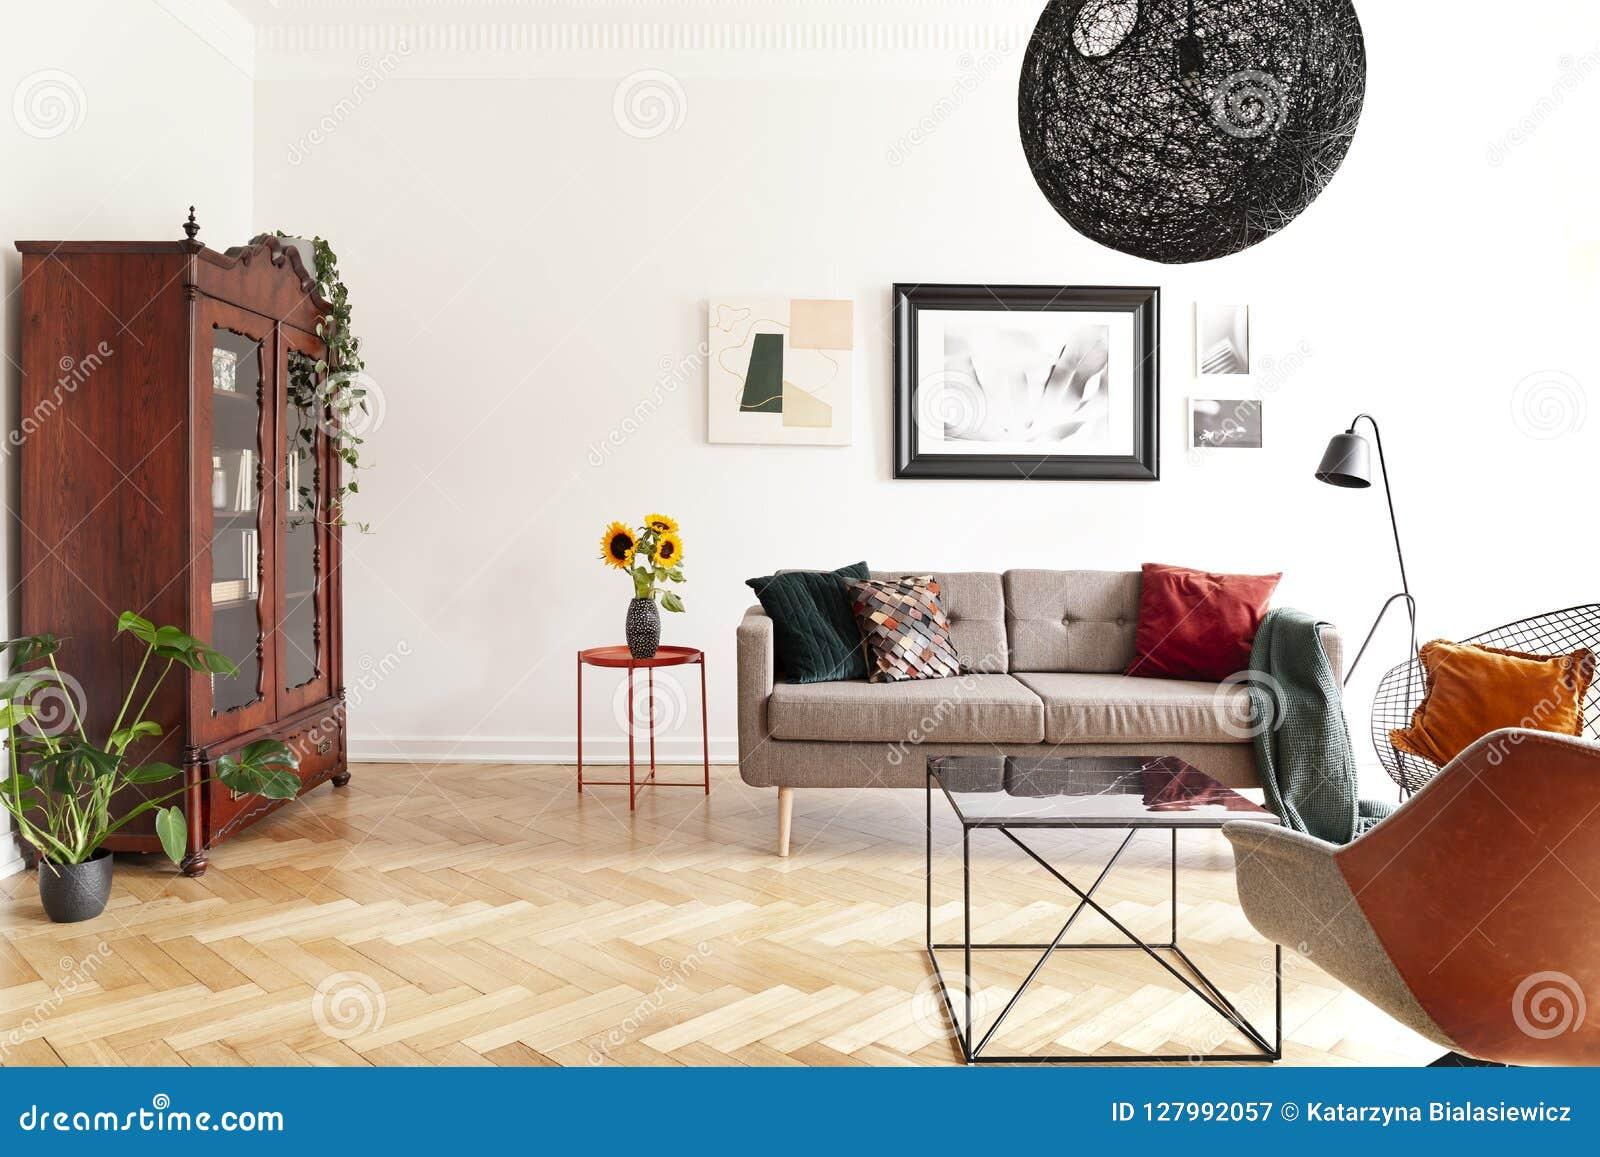 Zonnebloemen op lijst naast bank in helder woonkamerbinnenland met affiches en installaties Echte foto